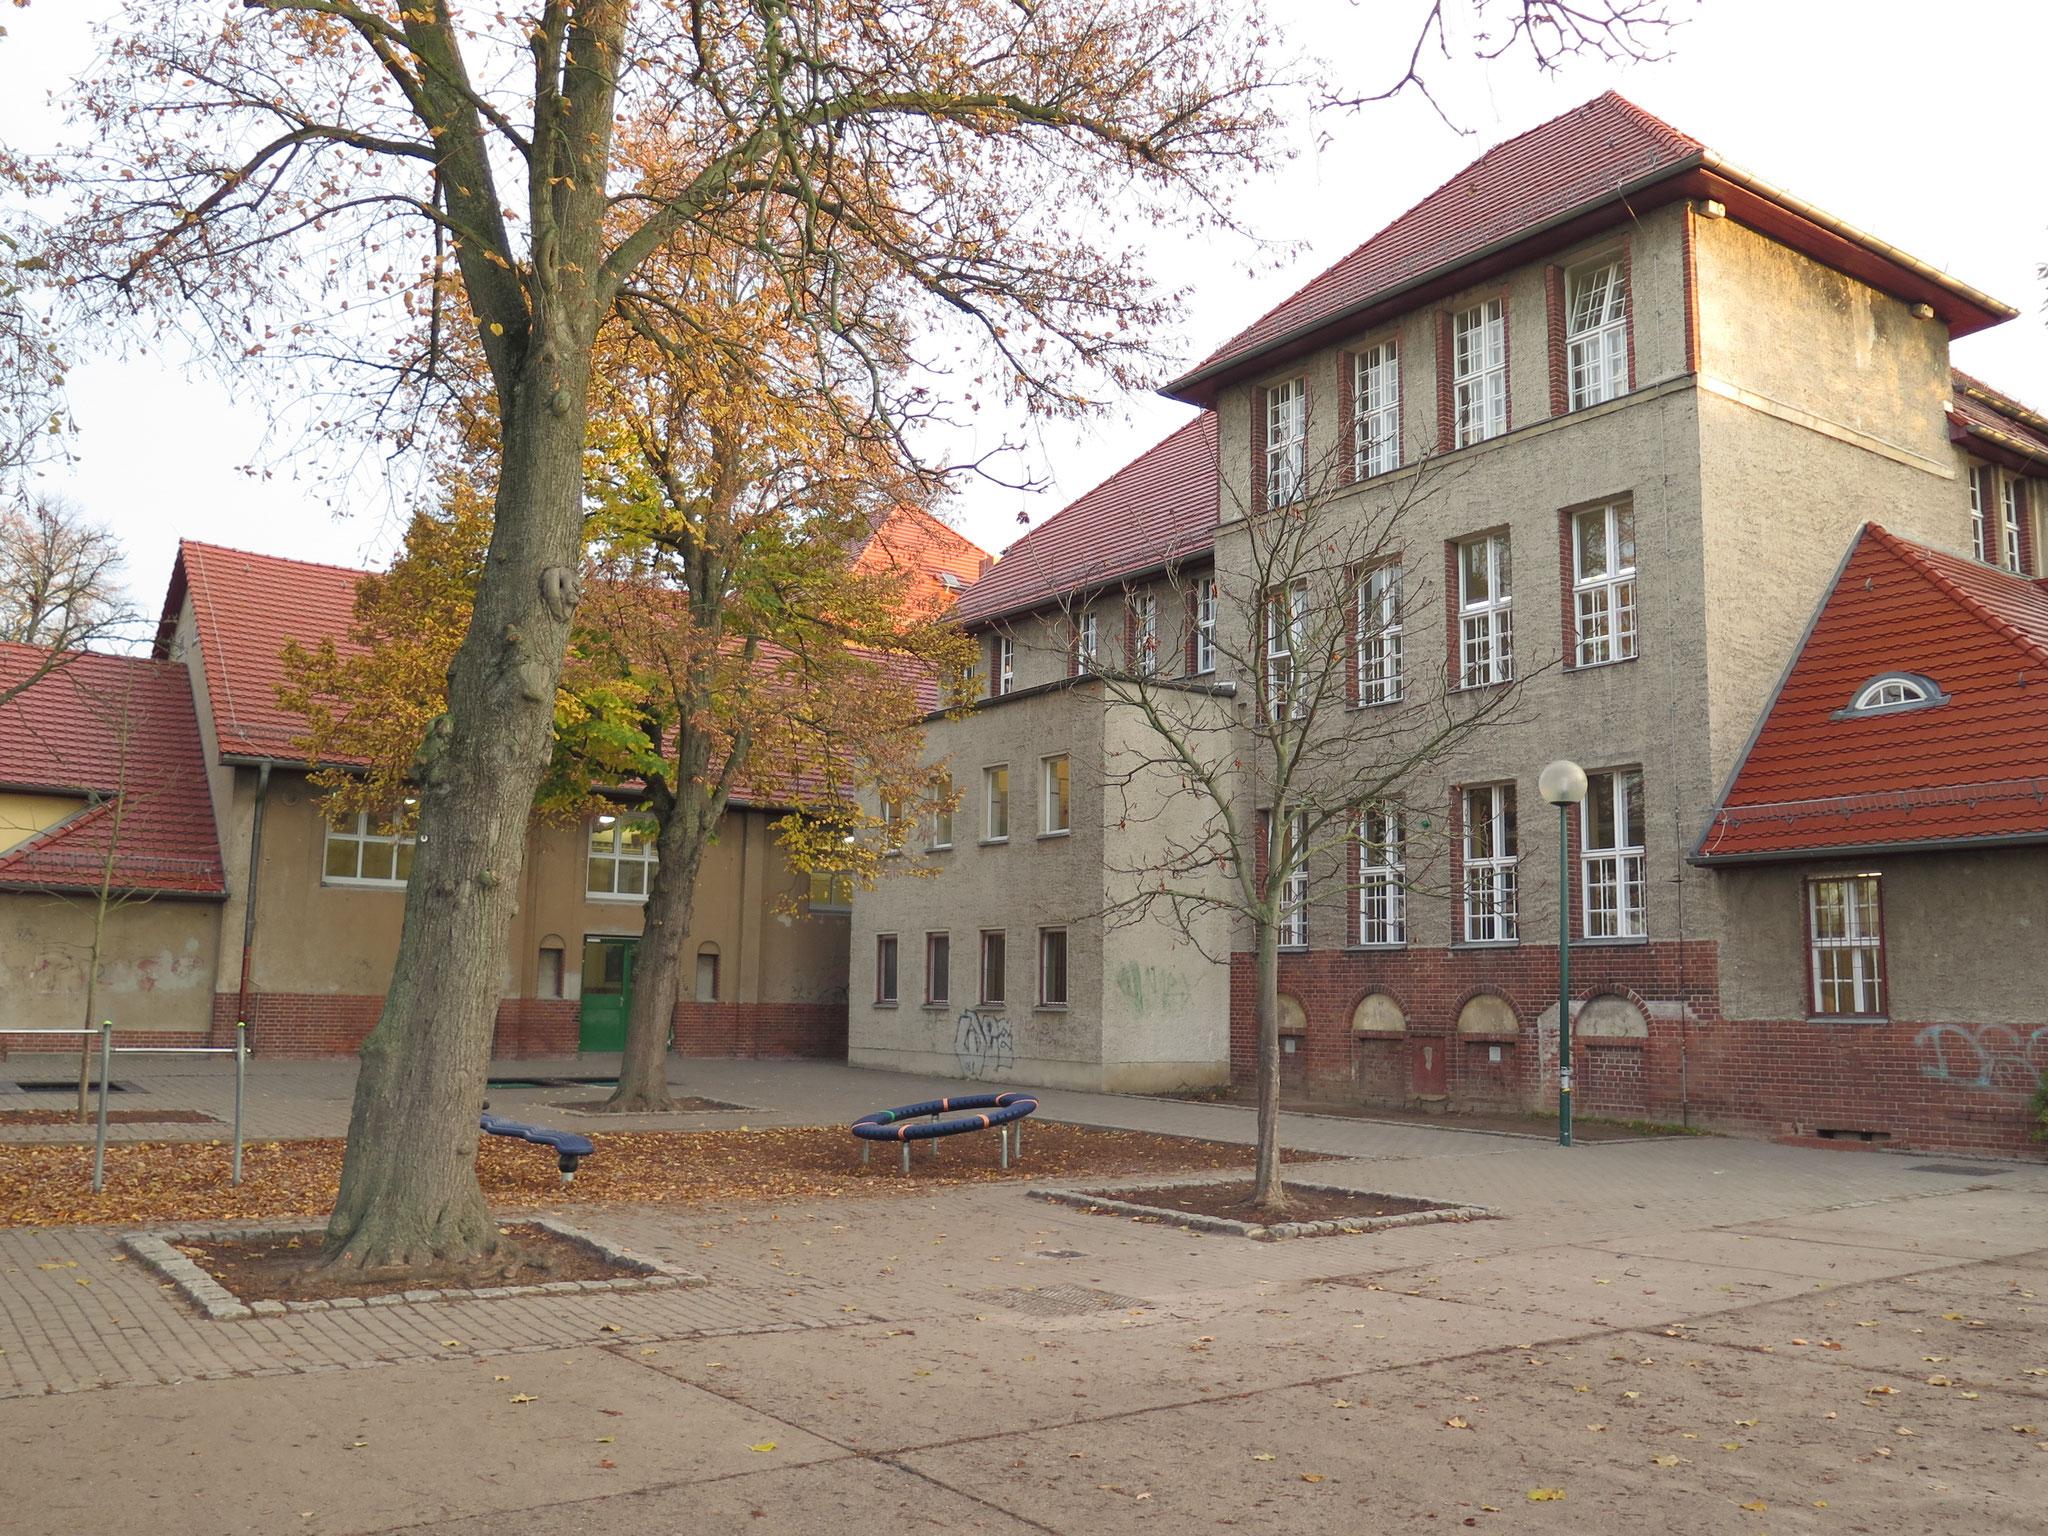 Die Franz-Carl-Achard-Grundschule soll trotz Sanierung nichts von ihrem Charme einbüßen.